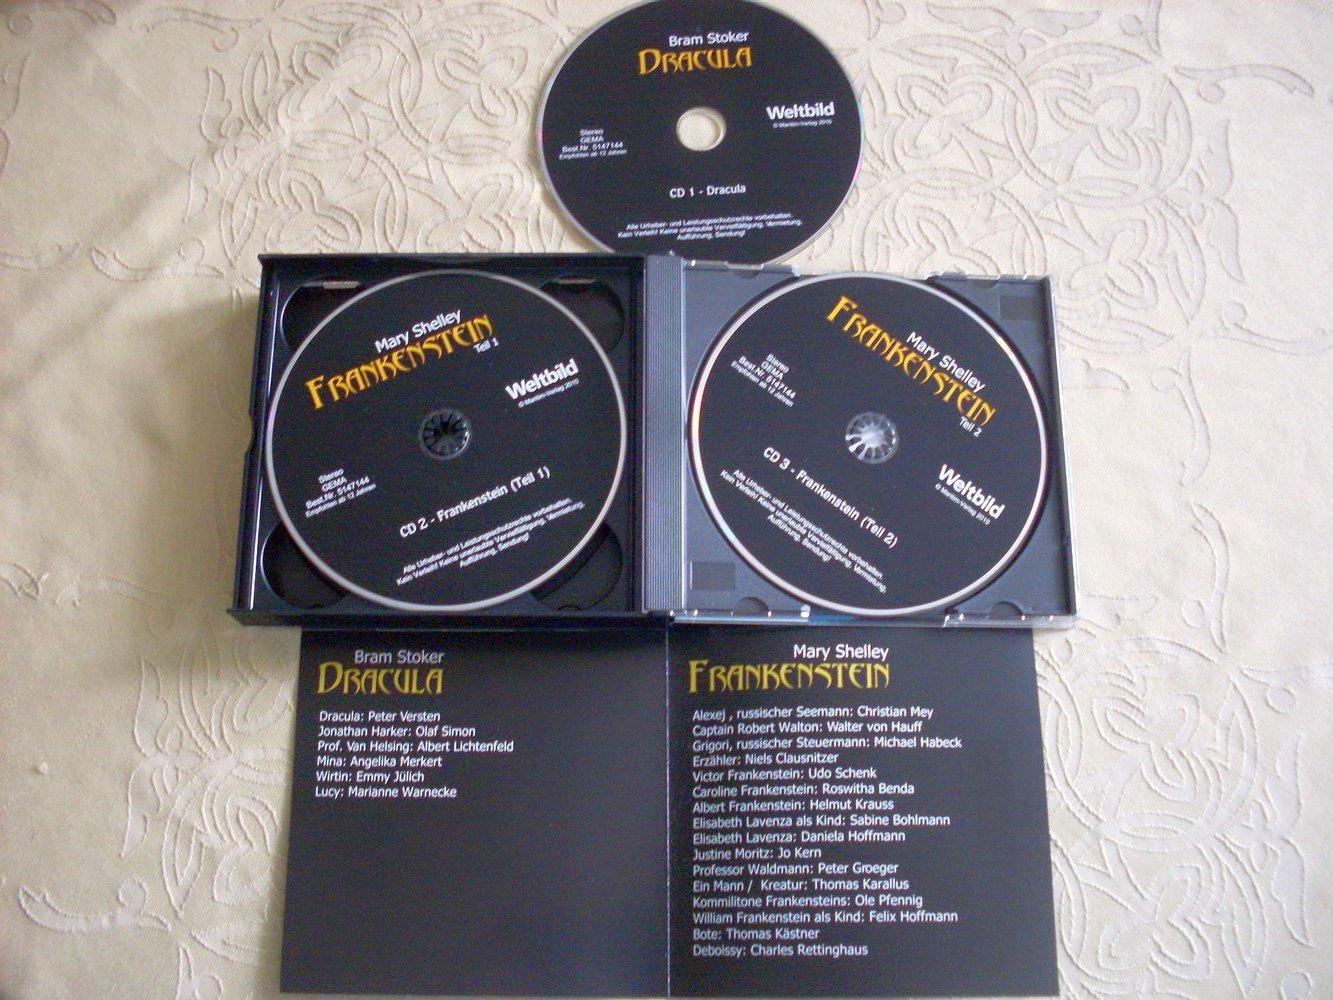 grusel h rspiel cd mit 2 st cken. Black Bedroom Furniture Sets. Home Design Ideas